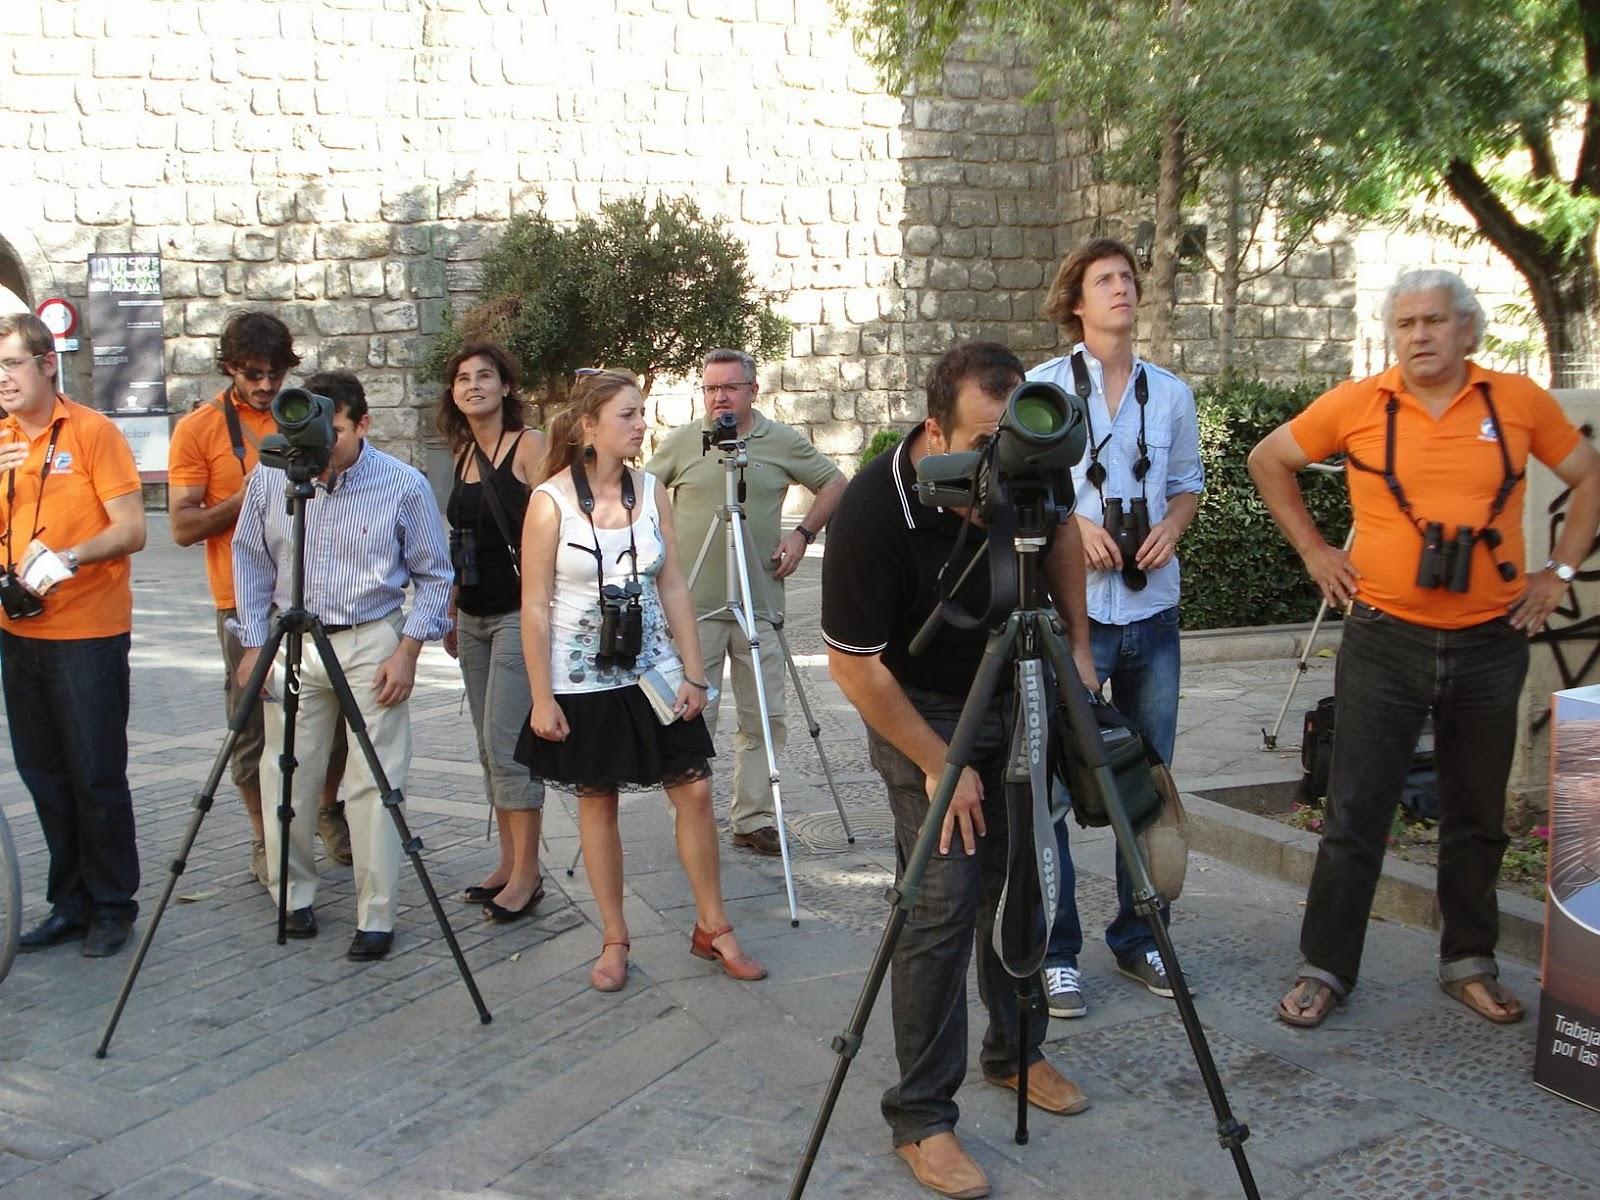 Observaciones Públicas. Educación Ambiental. Cernícalos en la Catedral de Sevilla 2011